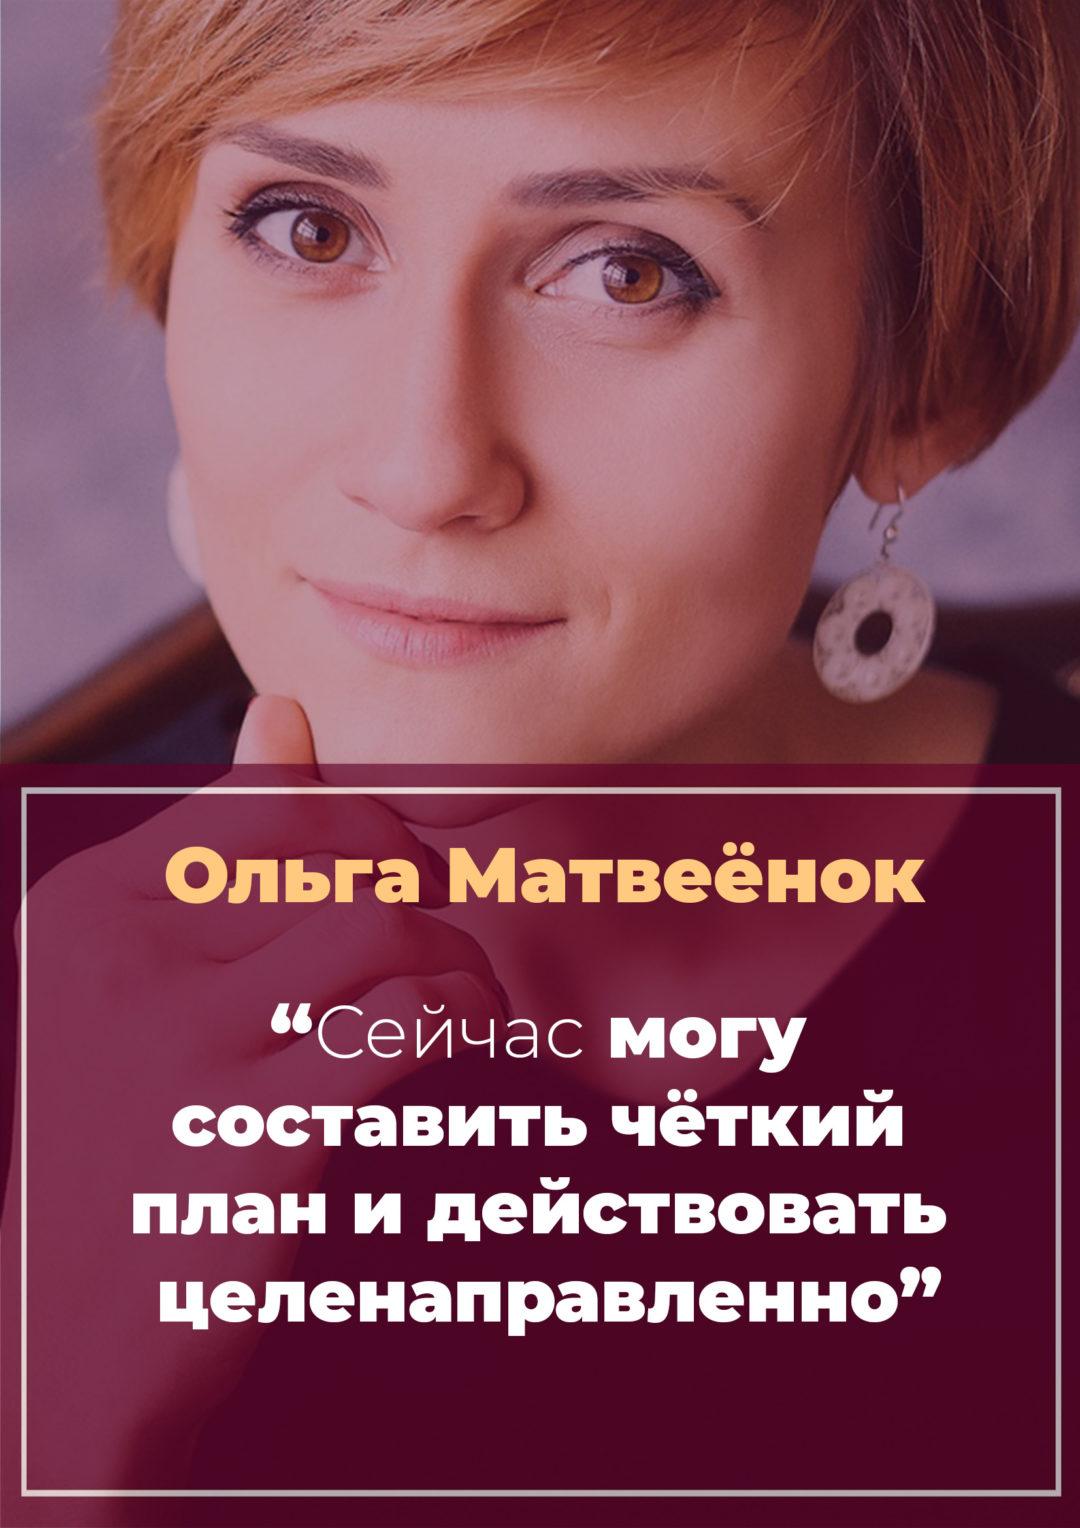 История Ольги Матвеёнок